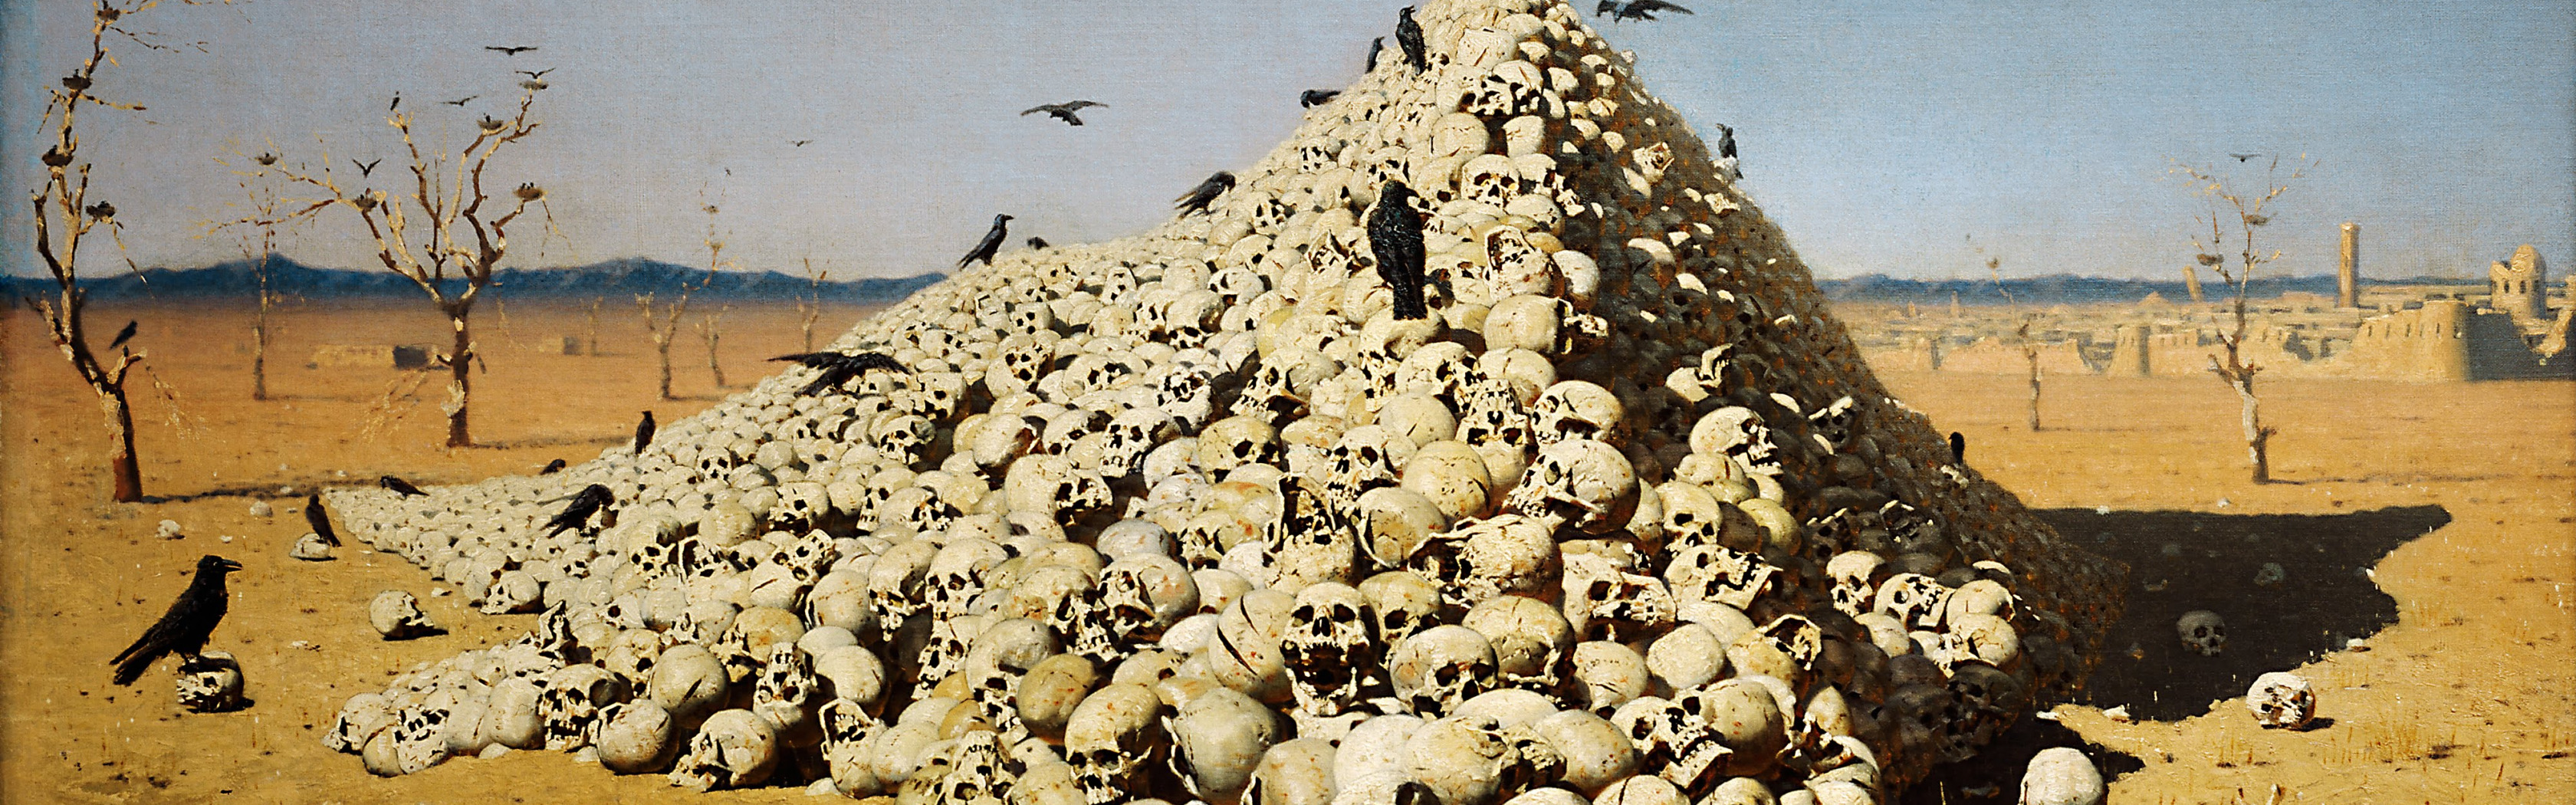 удивительно, несмотря картинка с черепами третьяковская галерея нас можете приобрести